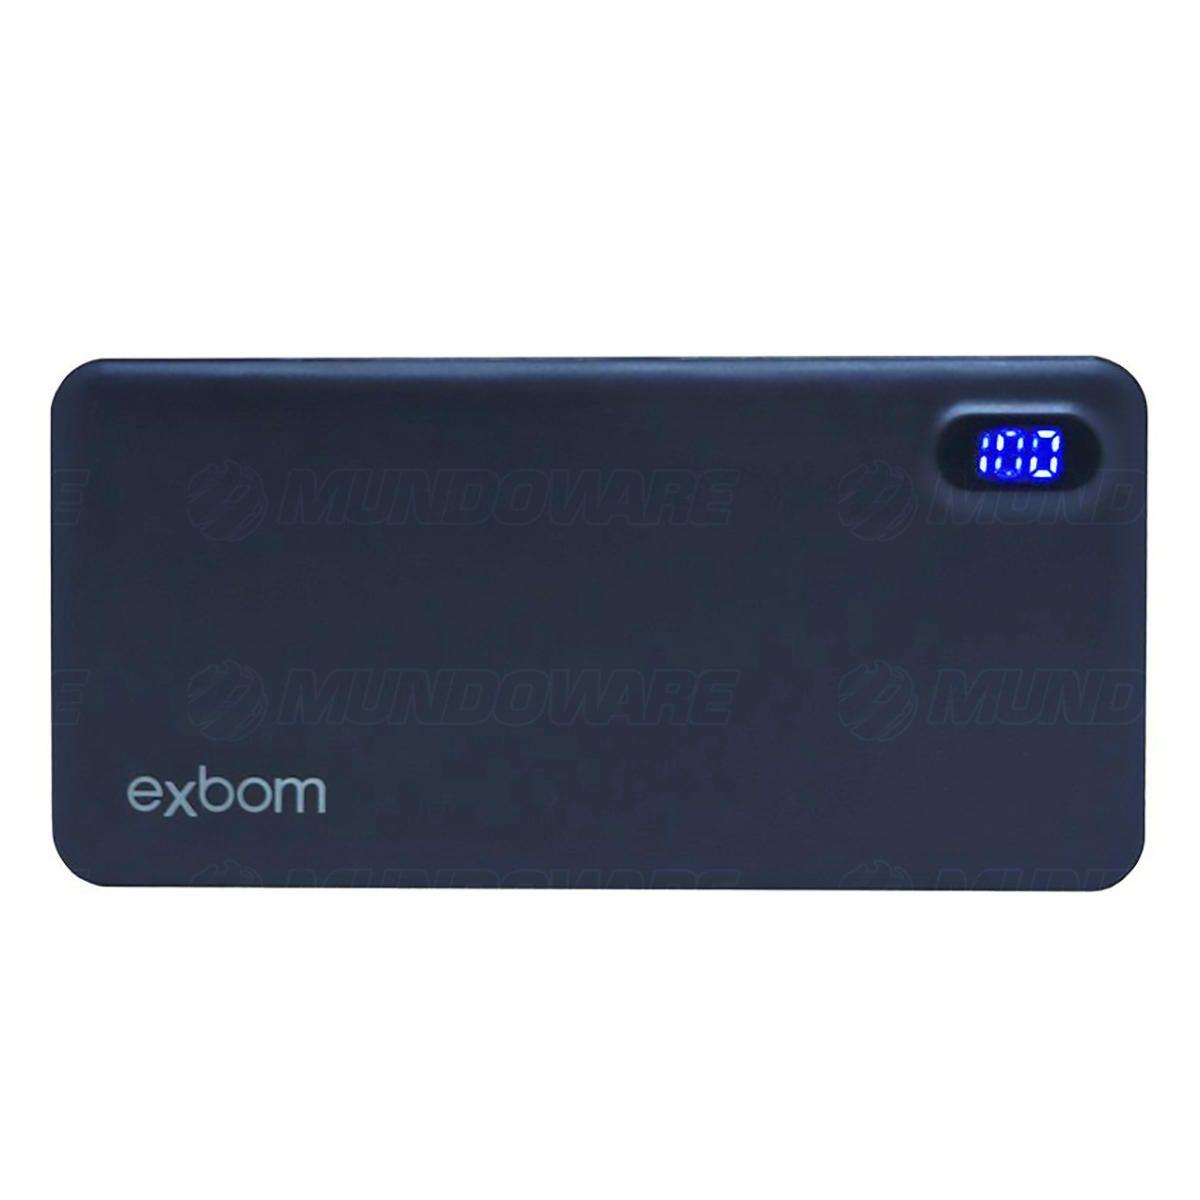 Power Bank Bateria Portátil para Celular de 10.000mAh com Display LED Indicador de Carga Exbom PB-M81Slim Preto